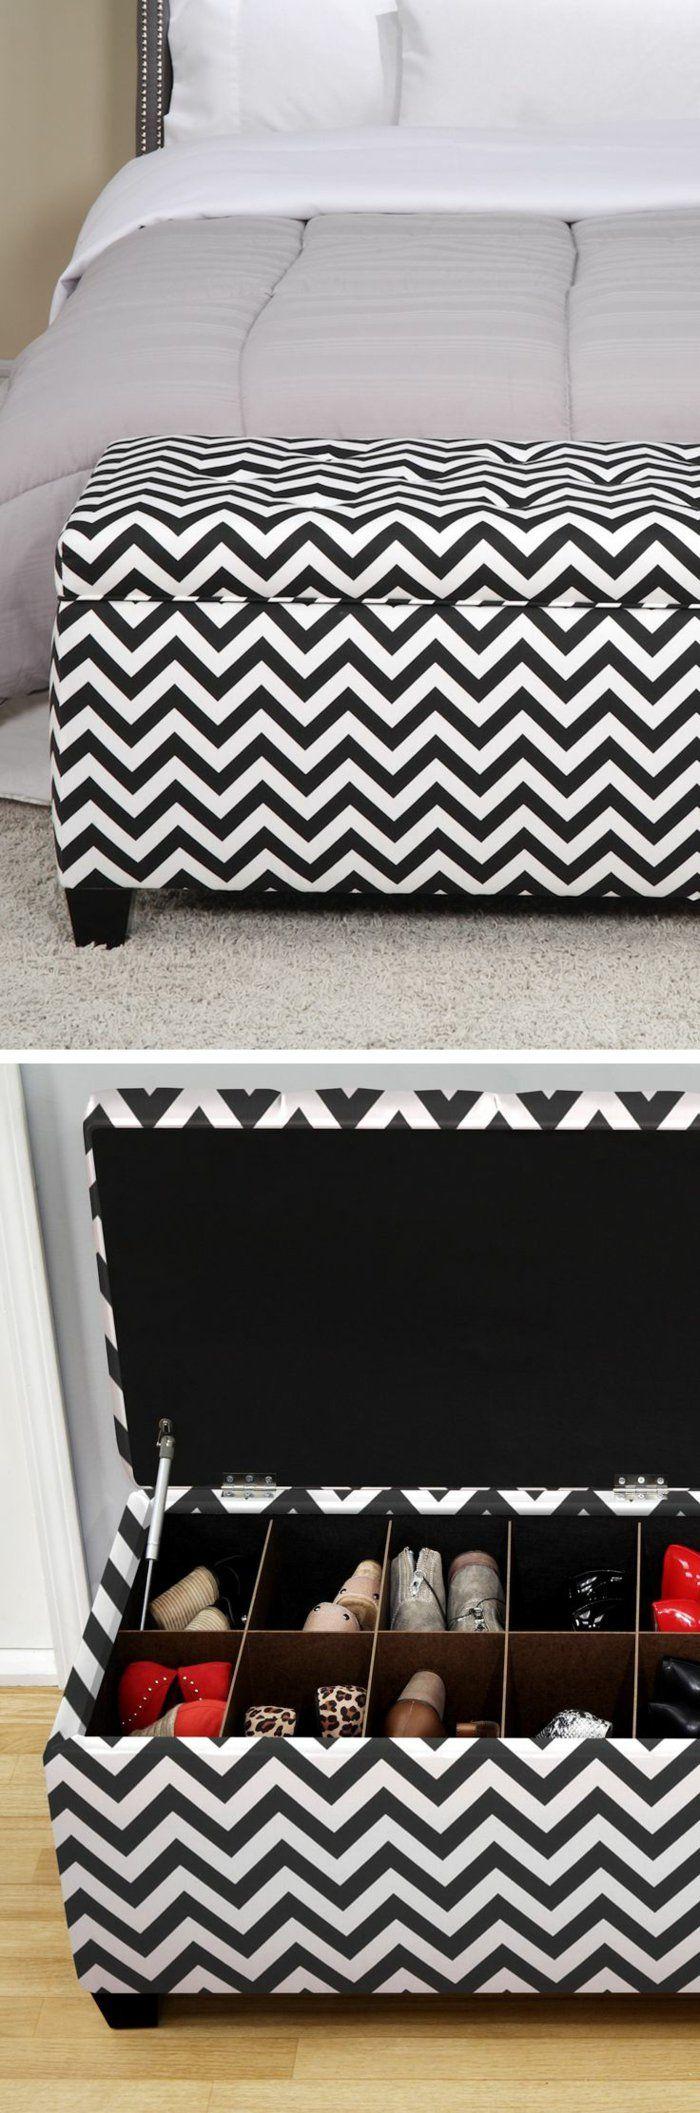 banquette bout de lit avec coffre a rayures blancs noirs